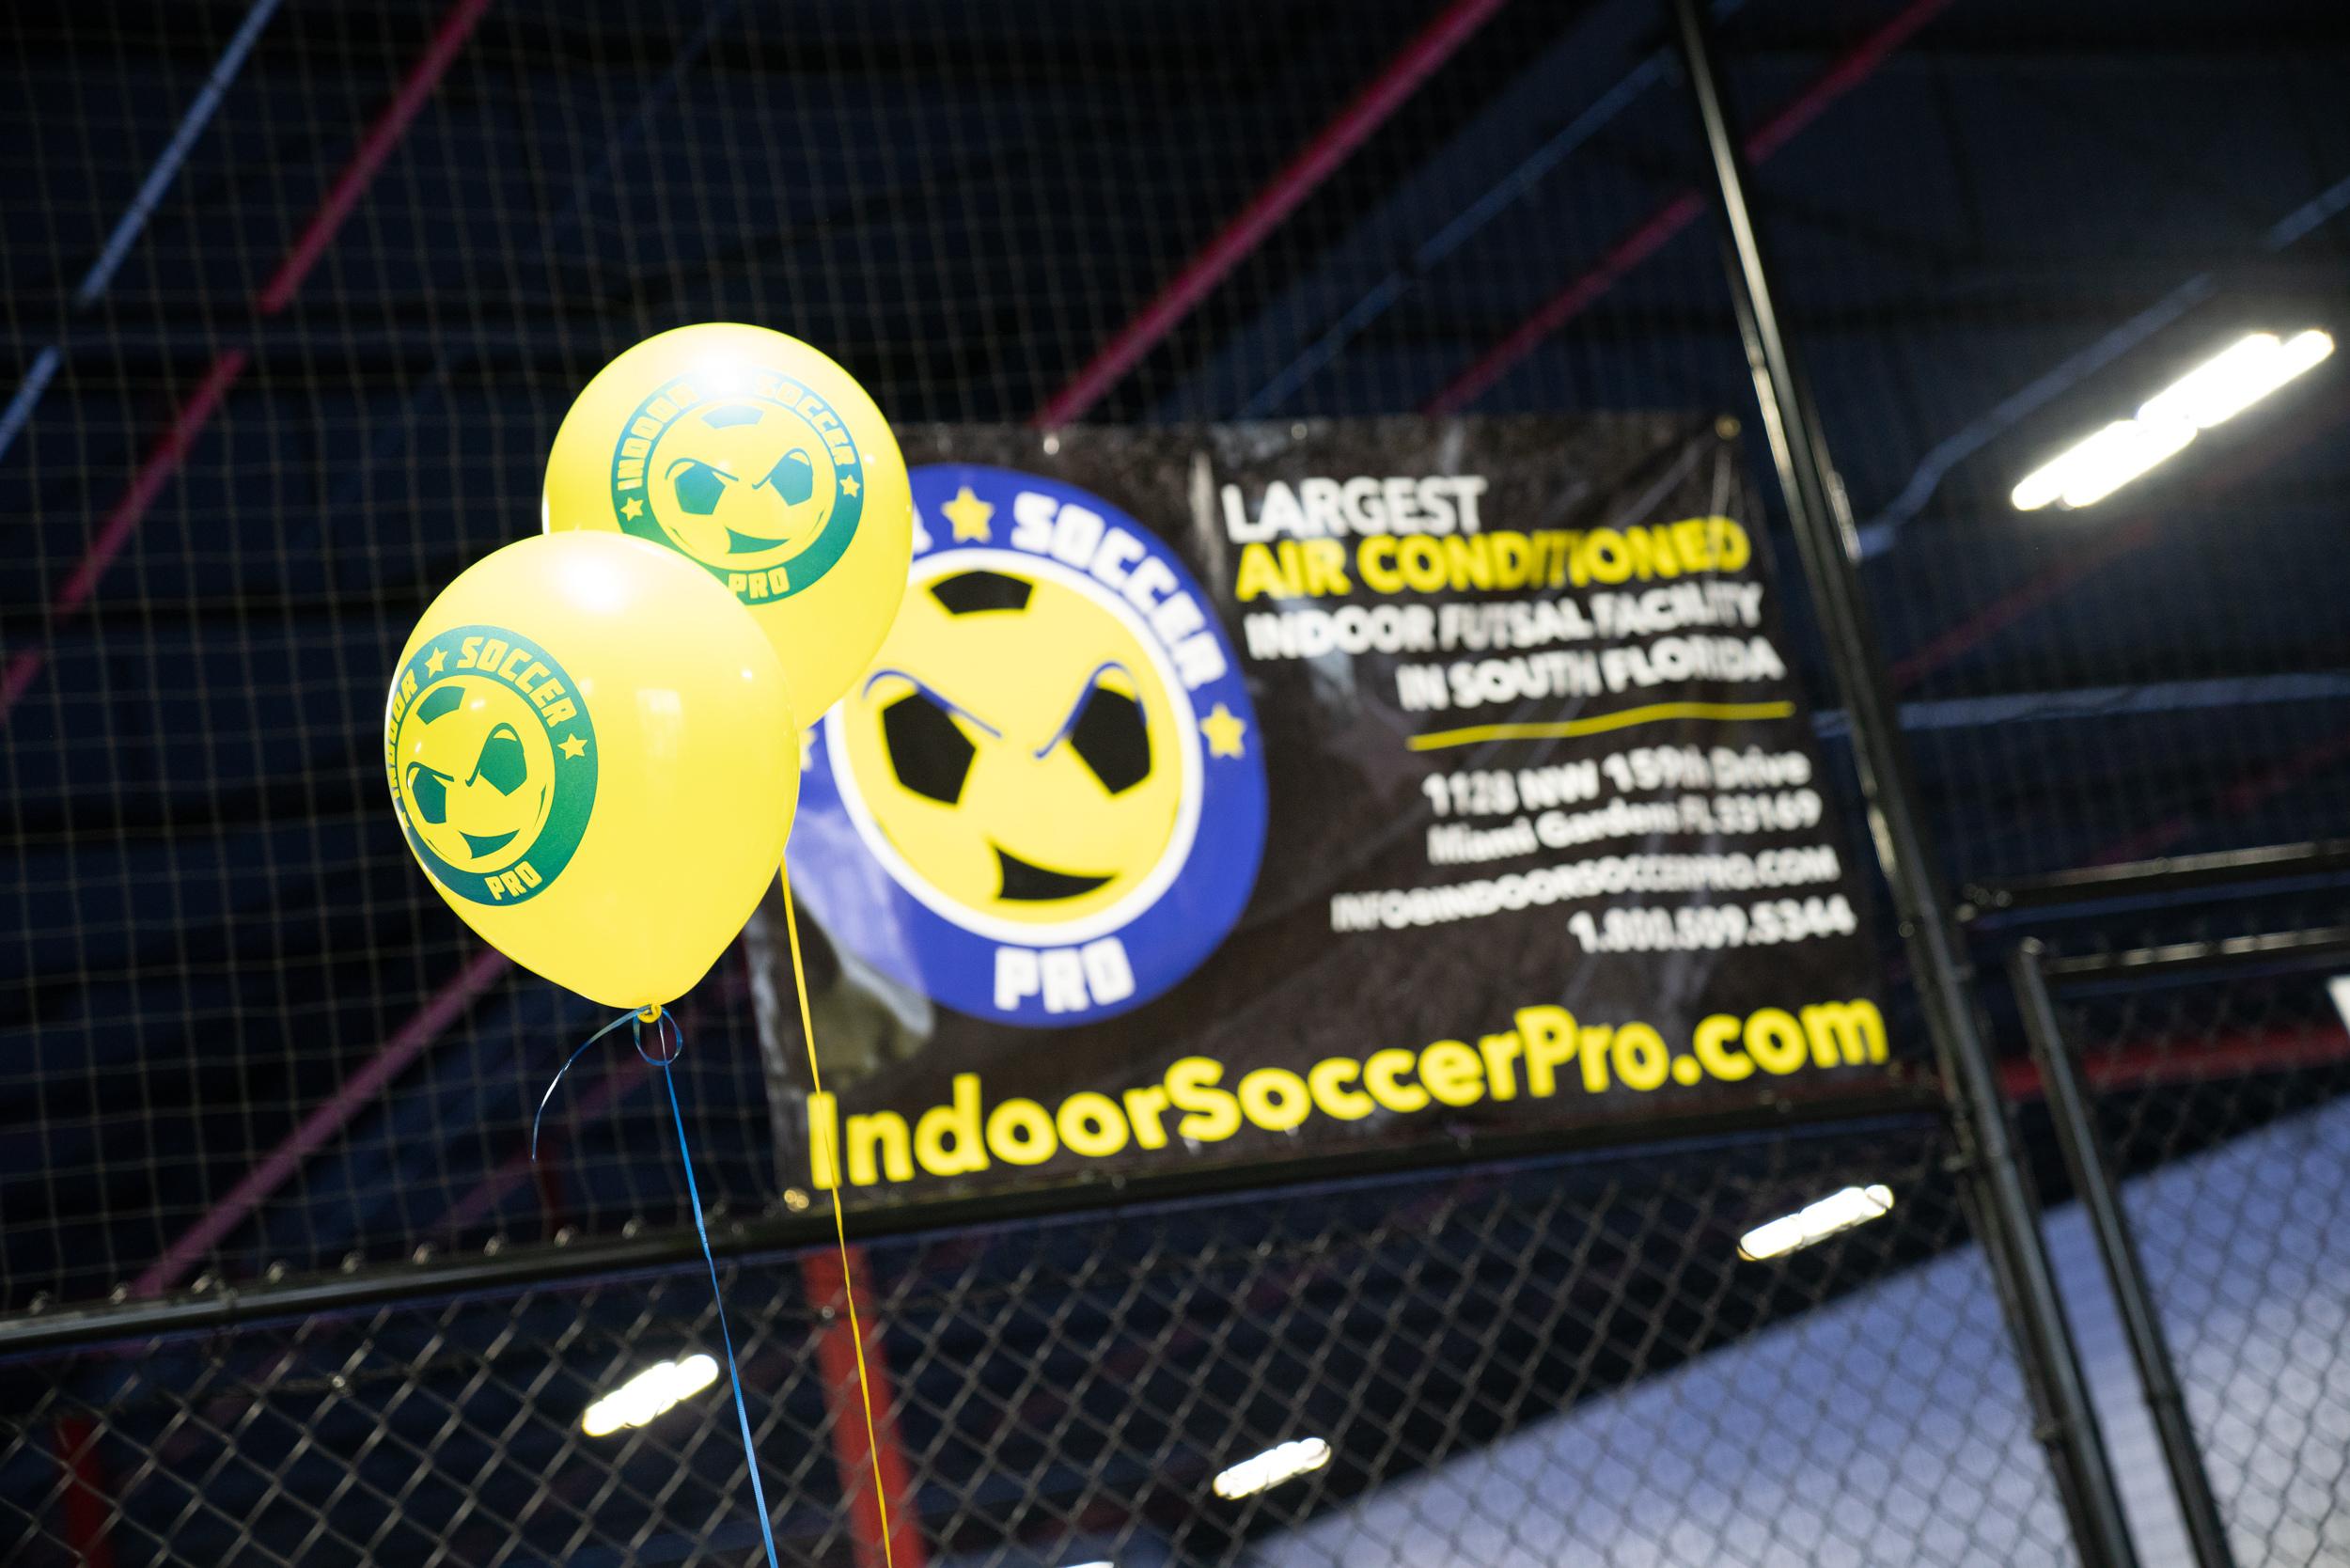 Indoor Soccer Pro banner